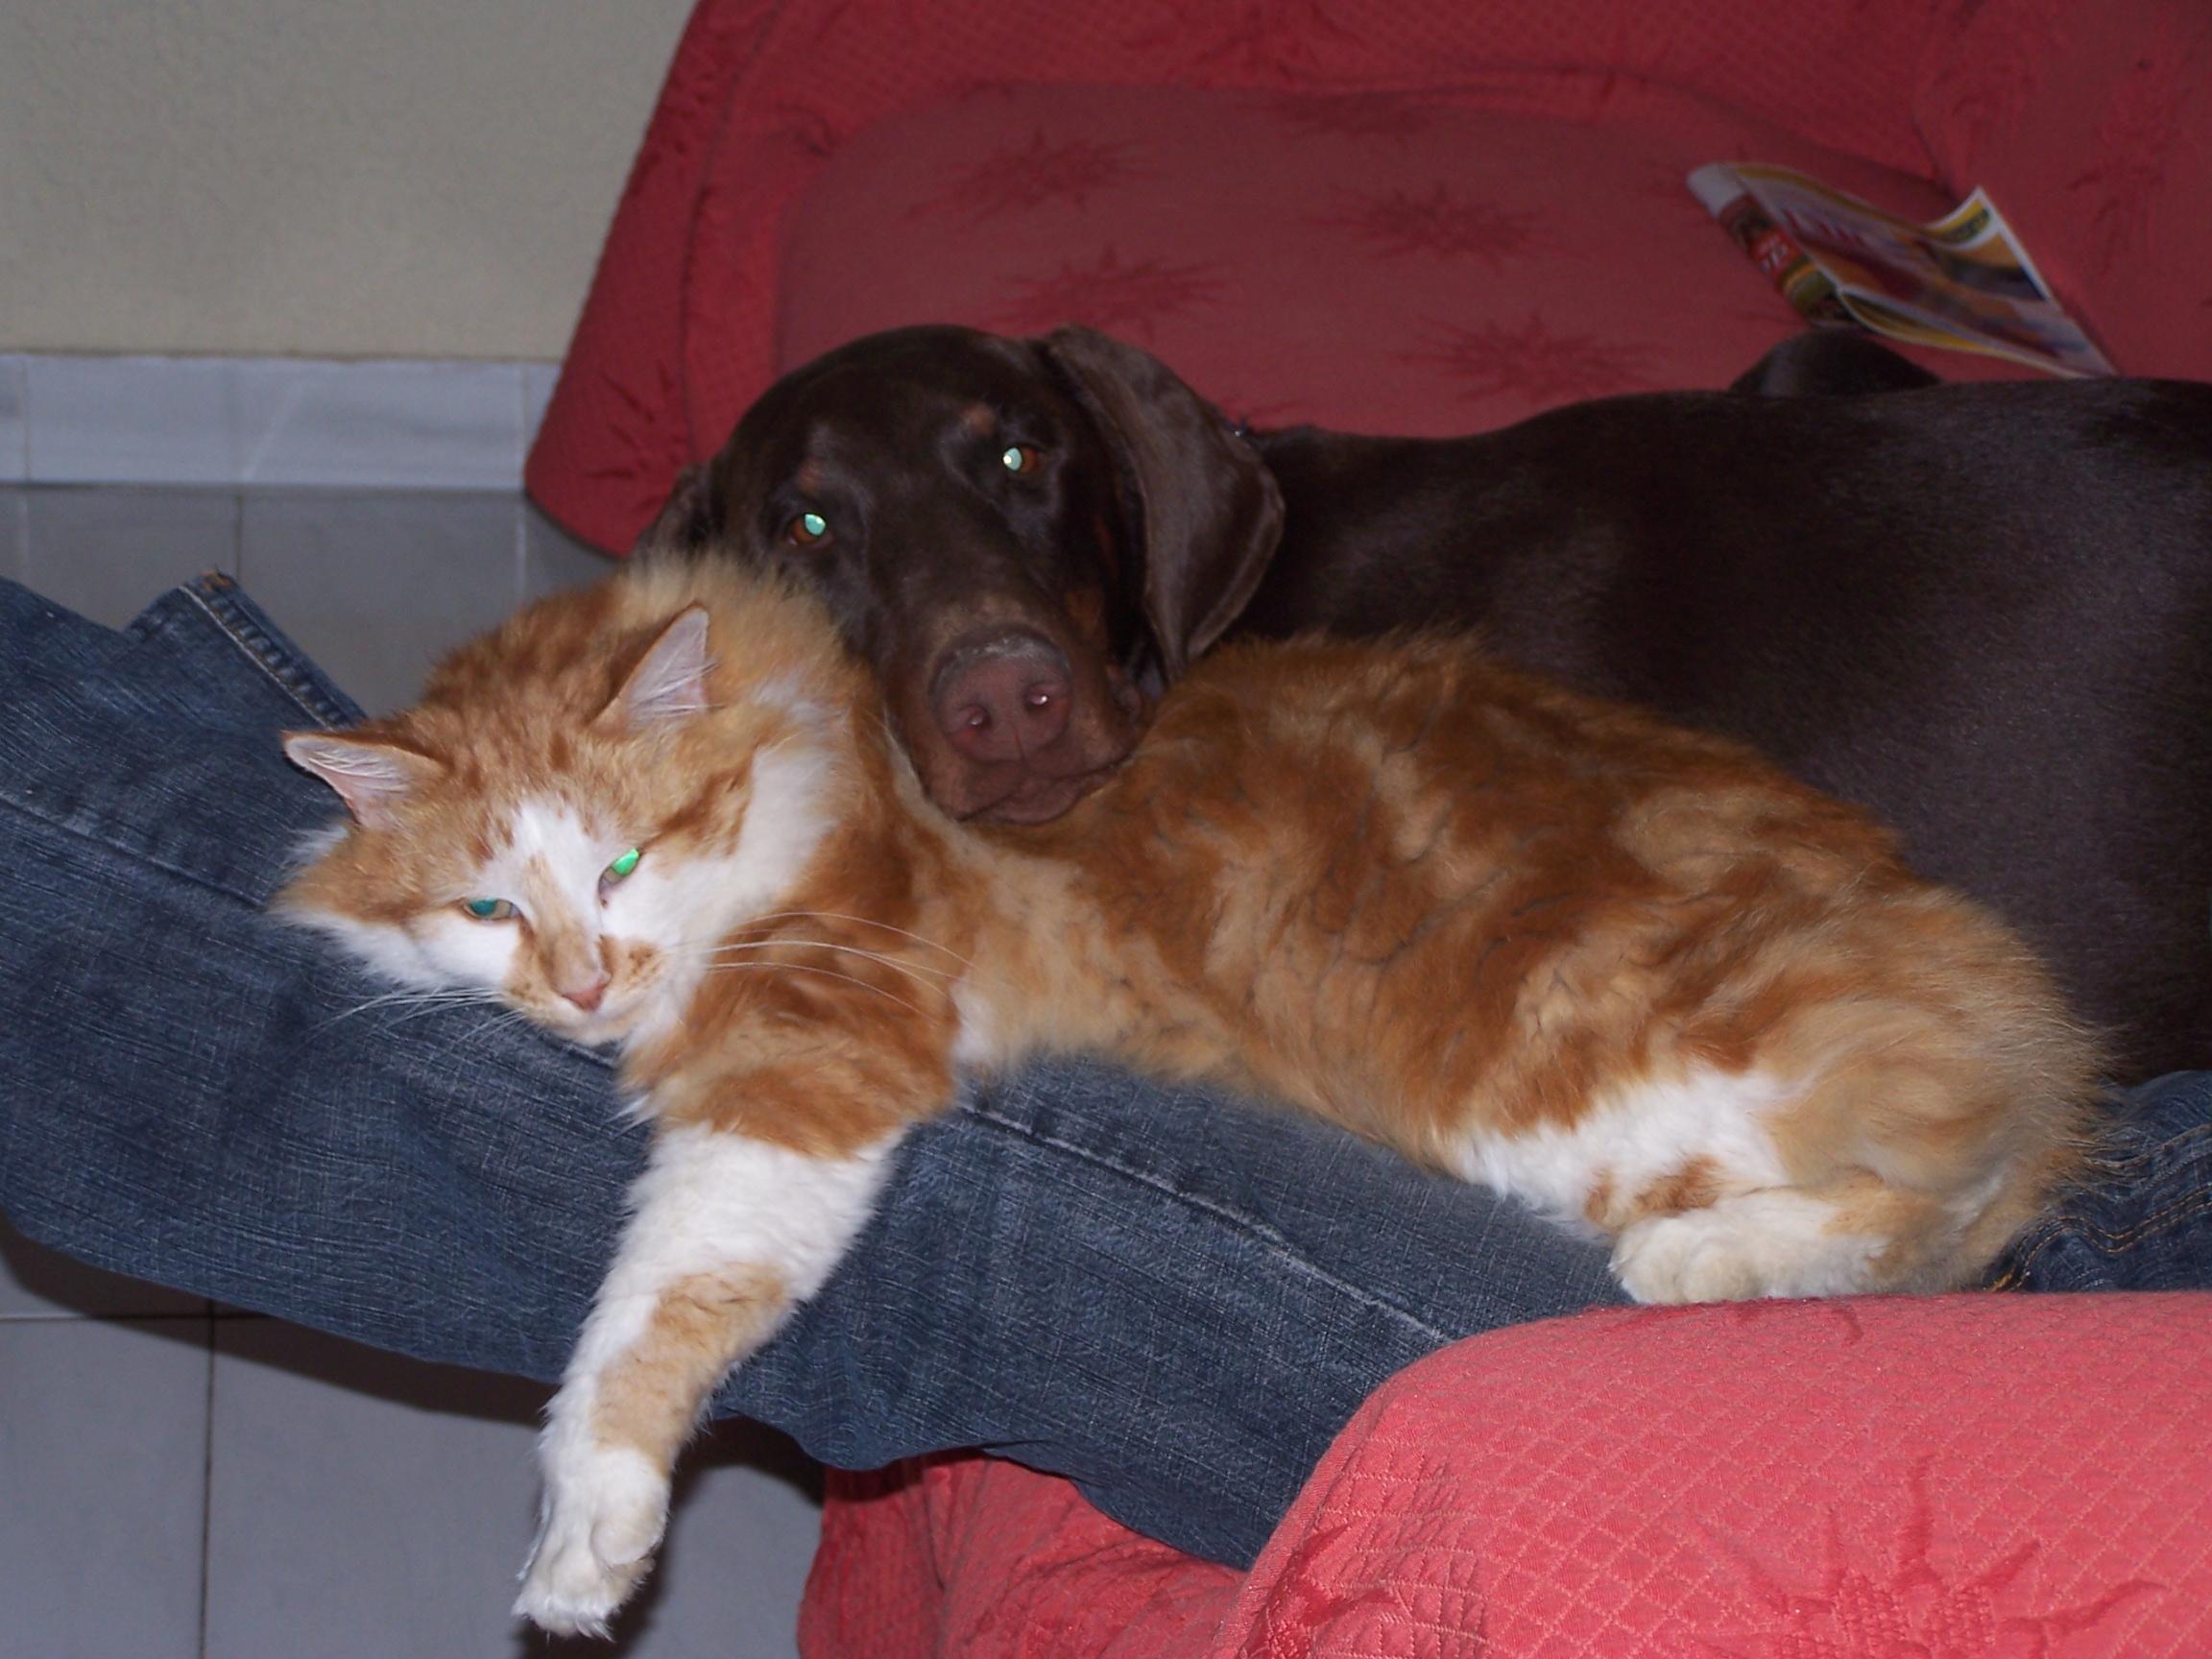 problème cohabitation entre chien et chat